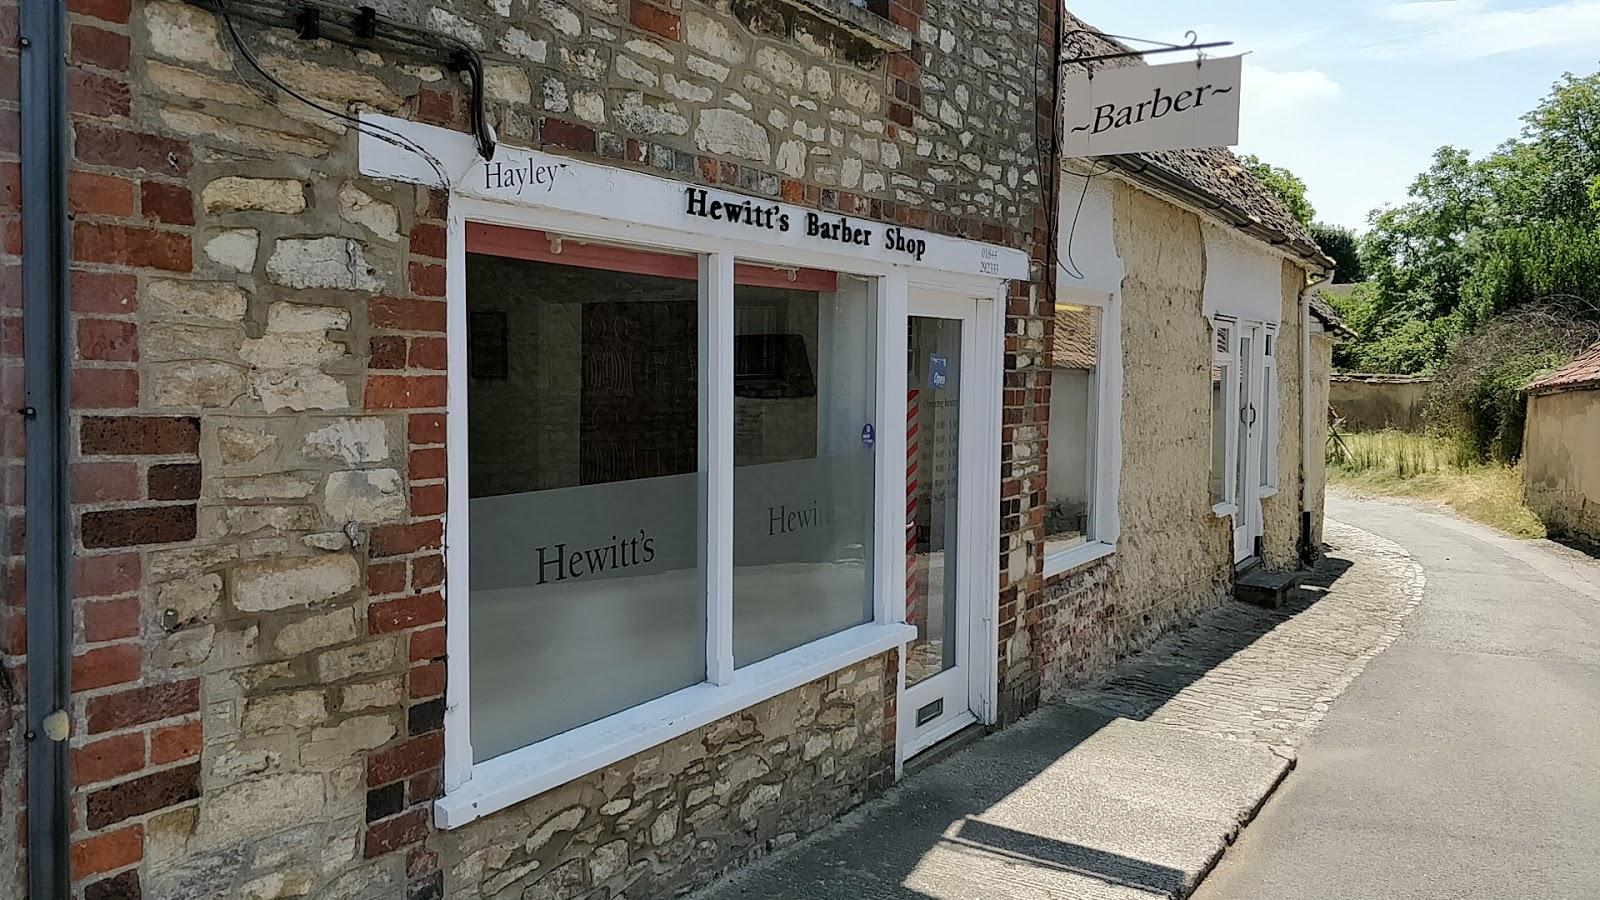 Hewitt's Barber Shop